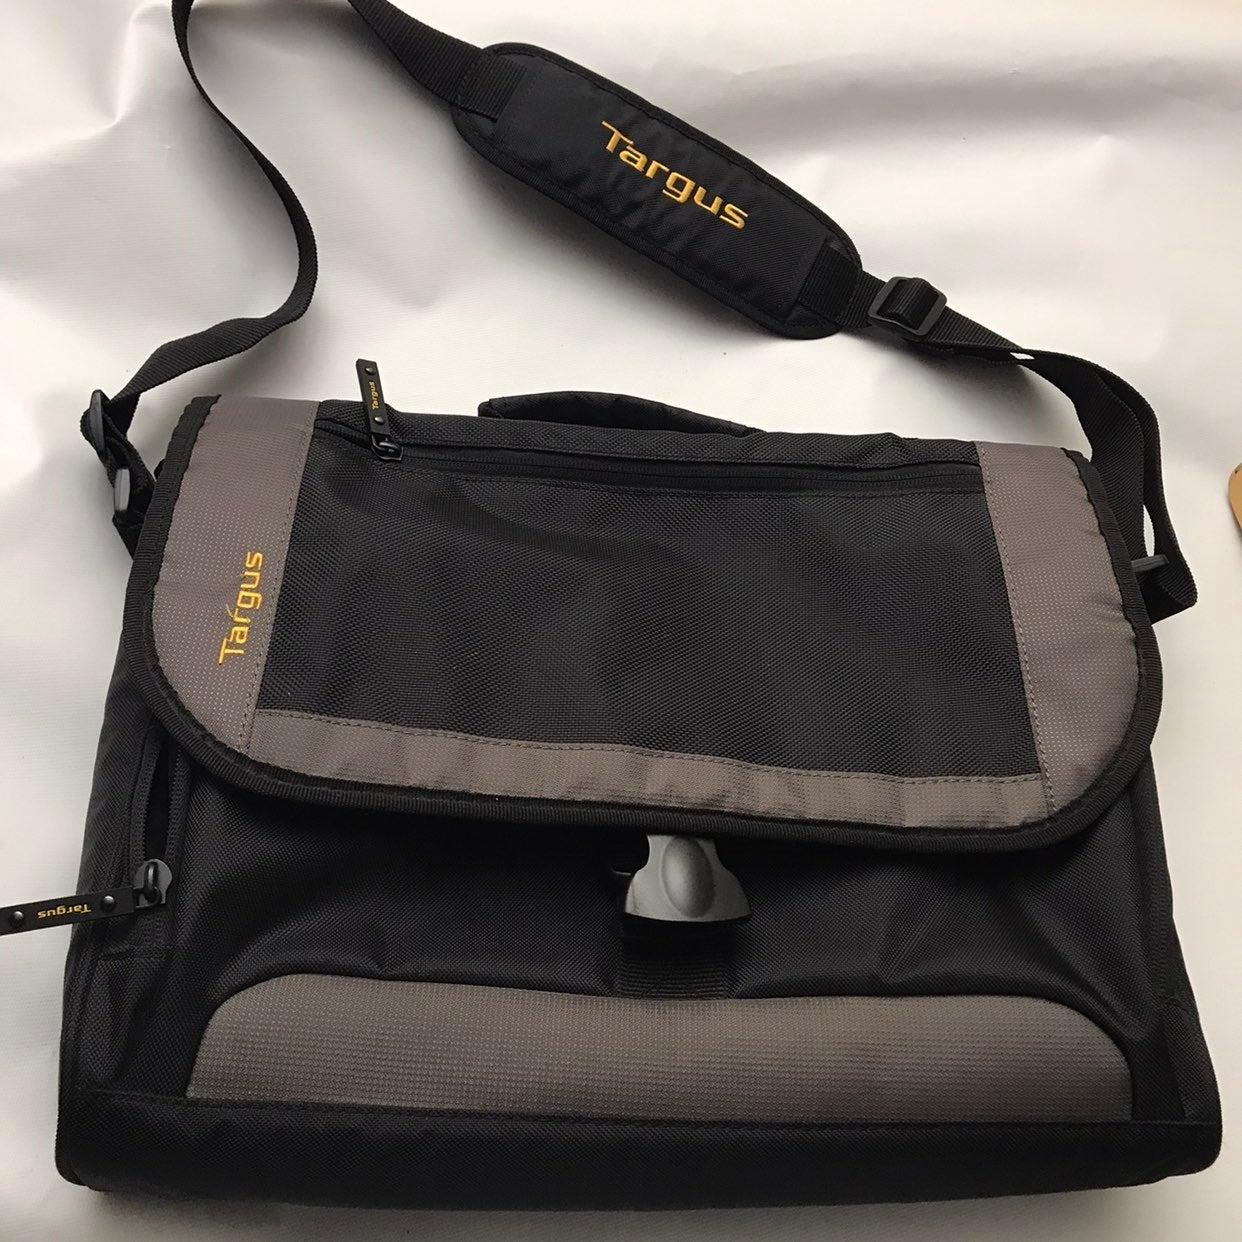 Targus TCG201-50 Messenger Bag